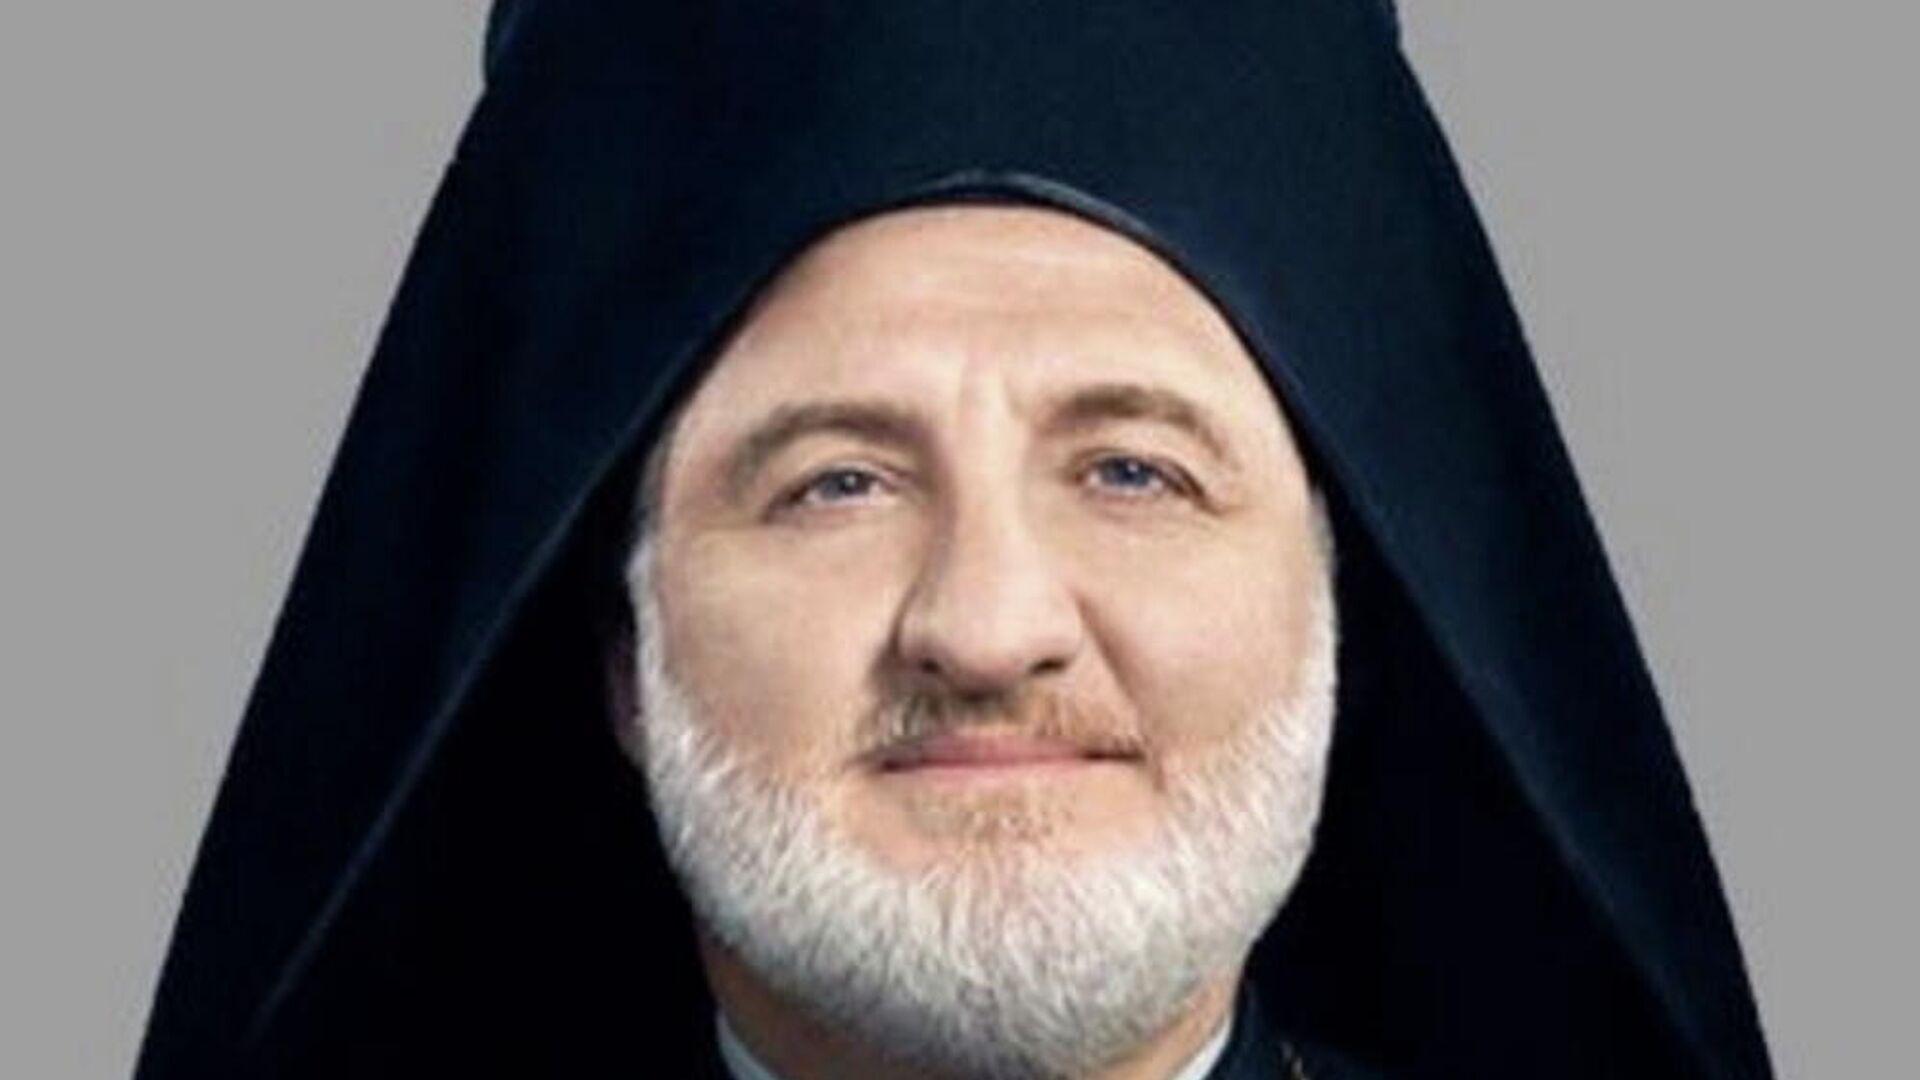 Ο Αρχιεπίσκοπος Αμερικής Ελπιδοφόρος  - Sputnik Ελλάδα, 1920, 25.09.2021